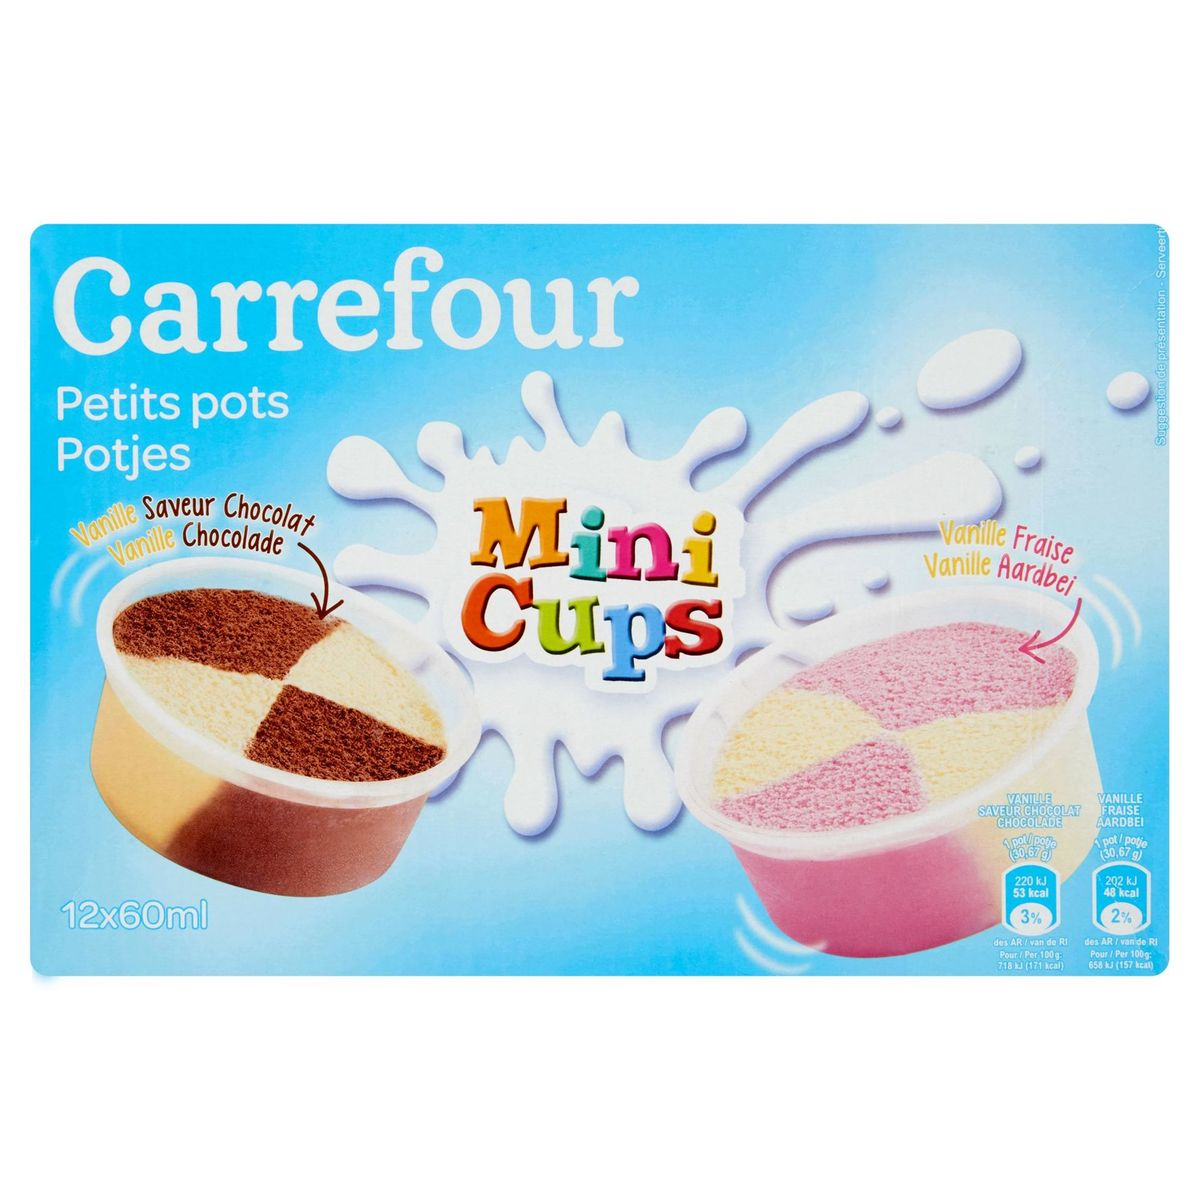 Carrefour Pots Vanille Saveur Chocolat Vanille Fraise 12 x 30.67 g